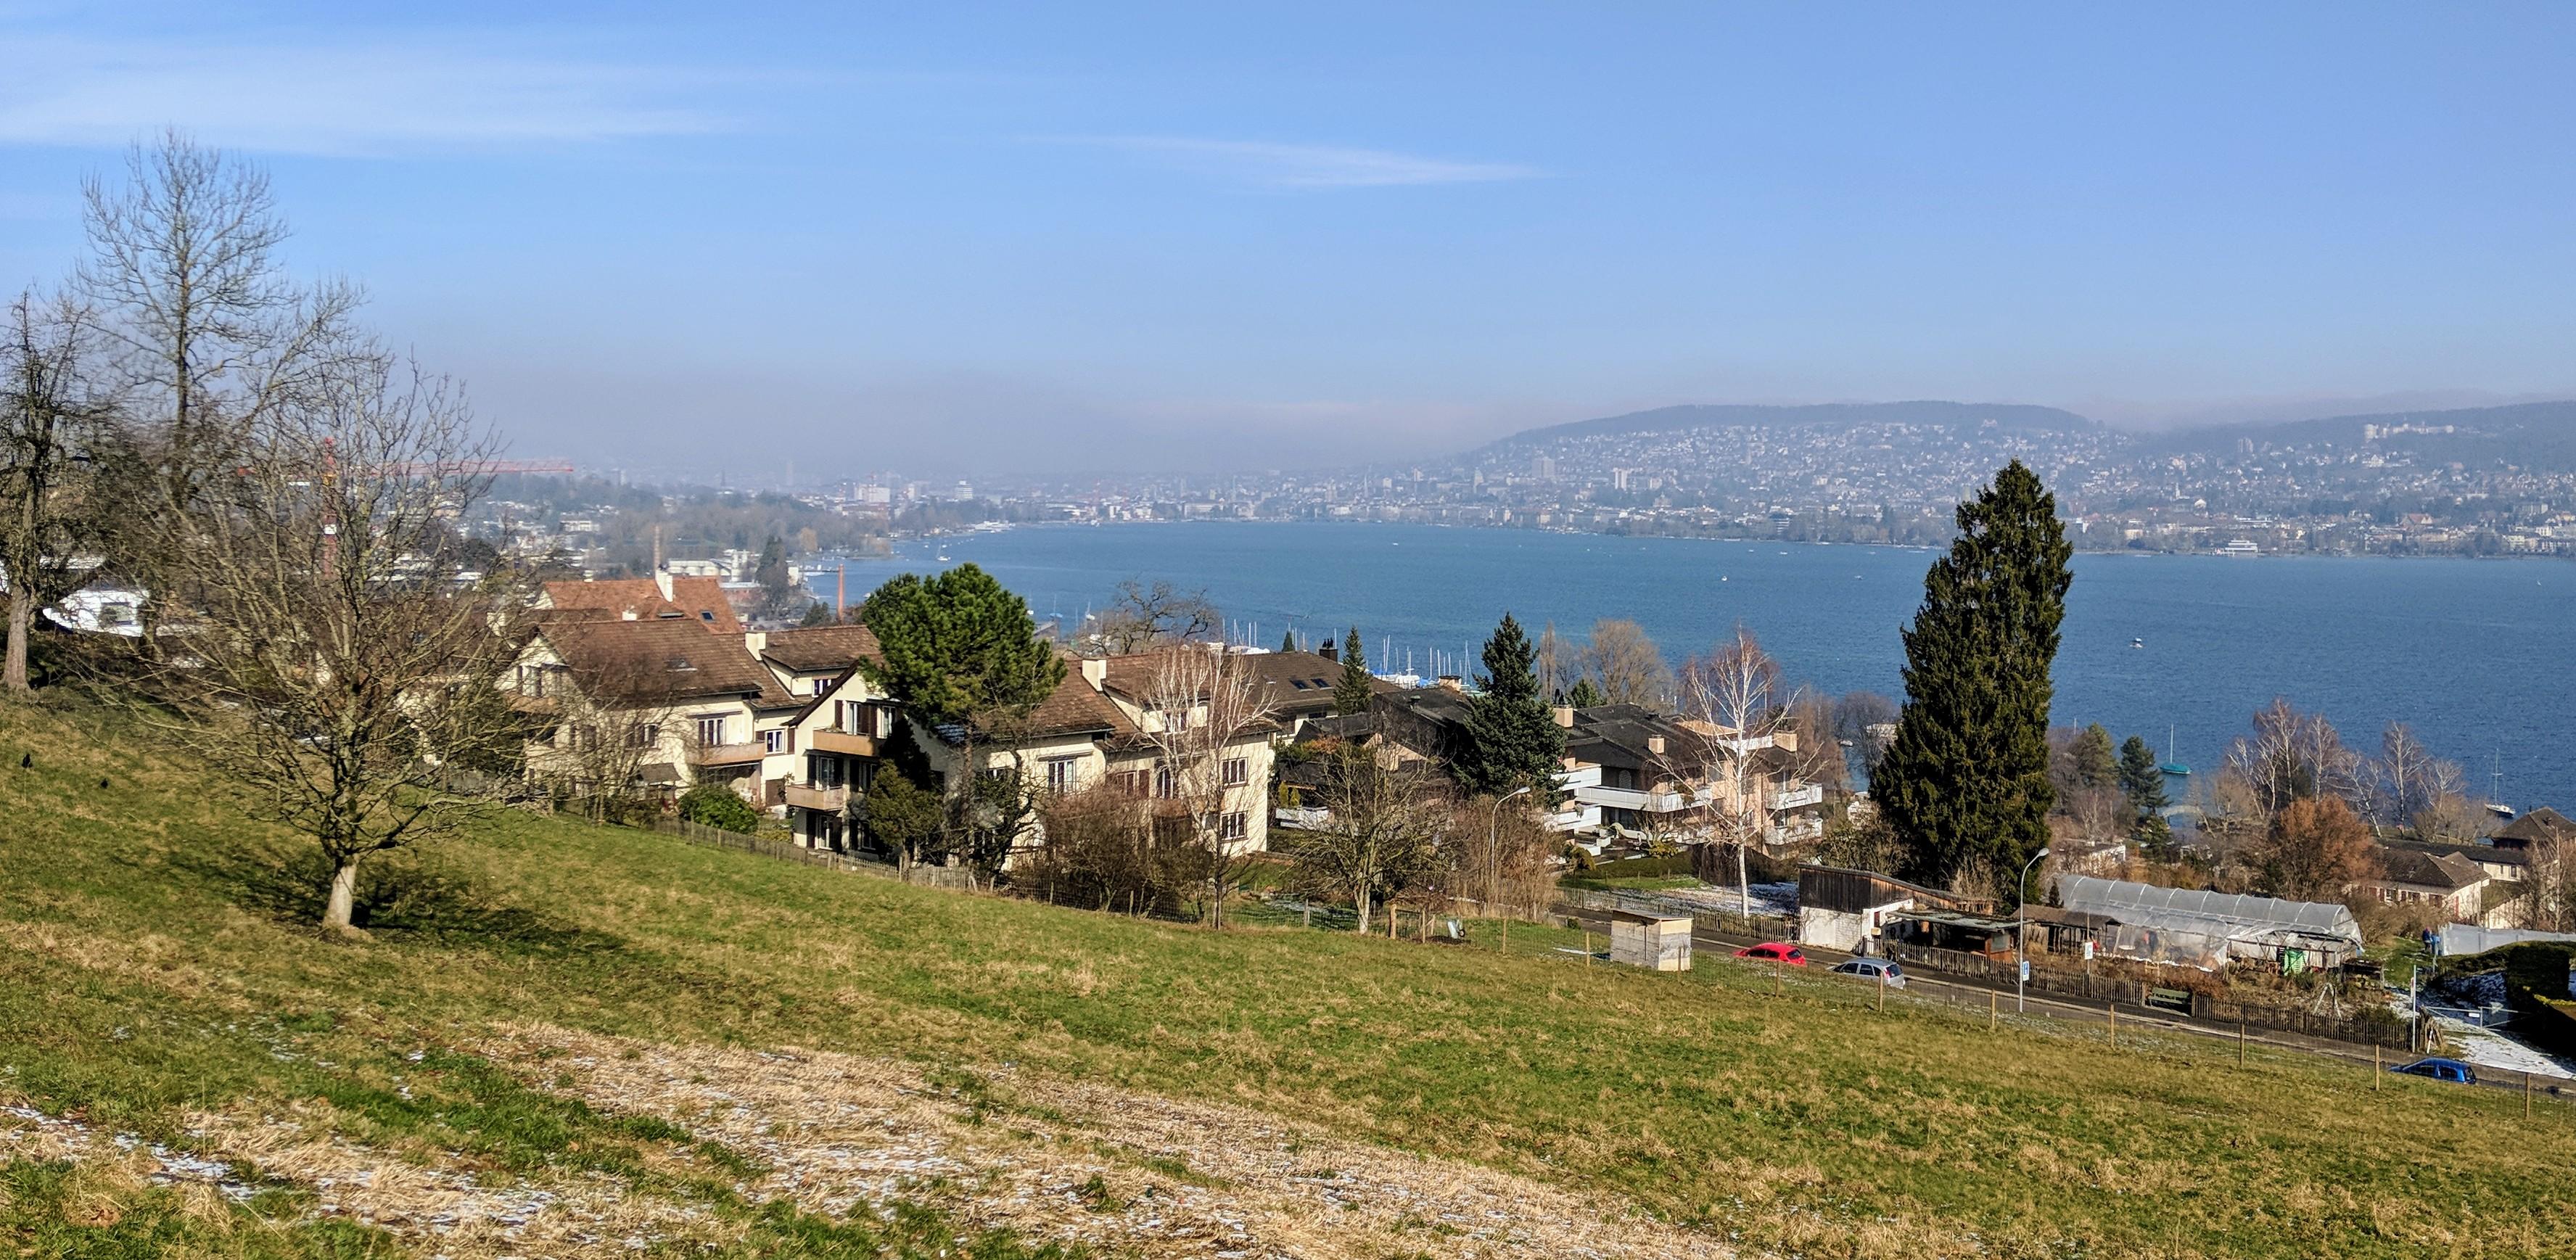 Running route in Zurich - View Lake Zurich